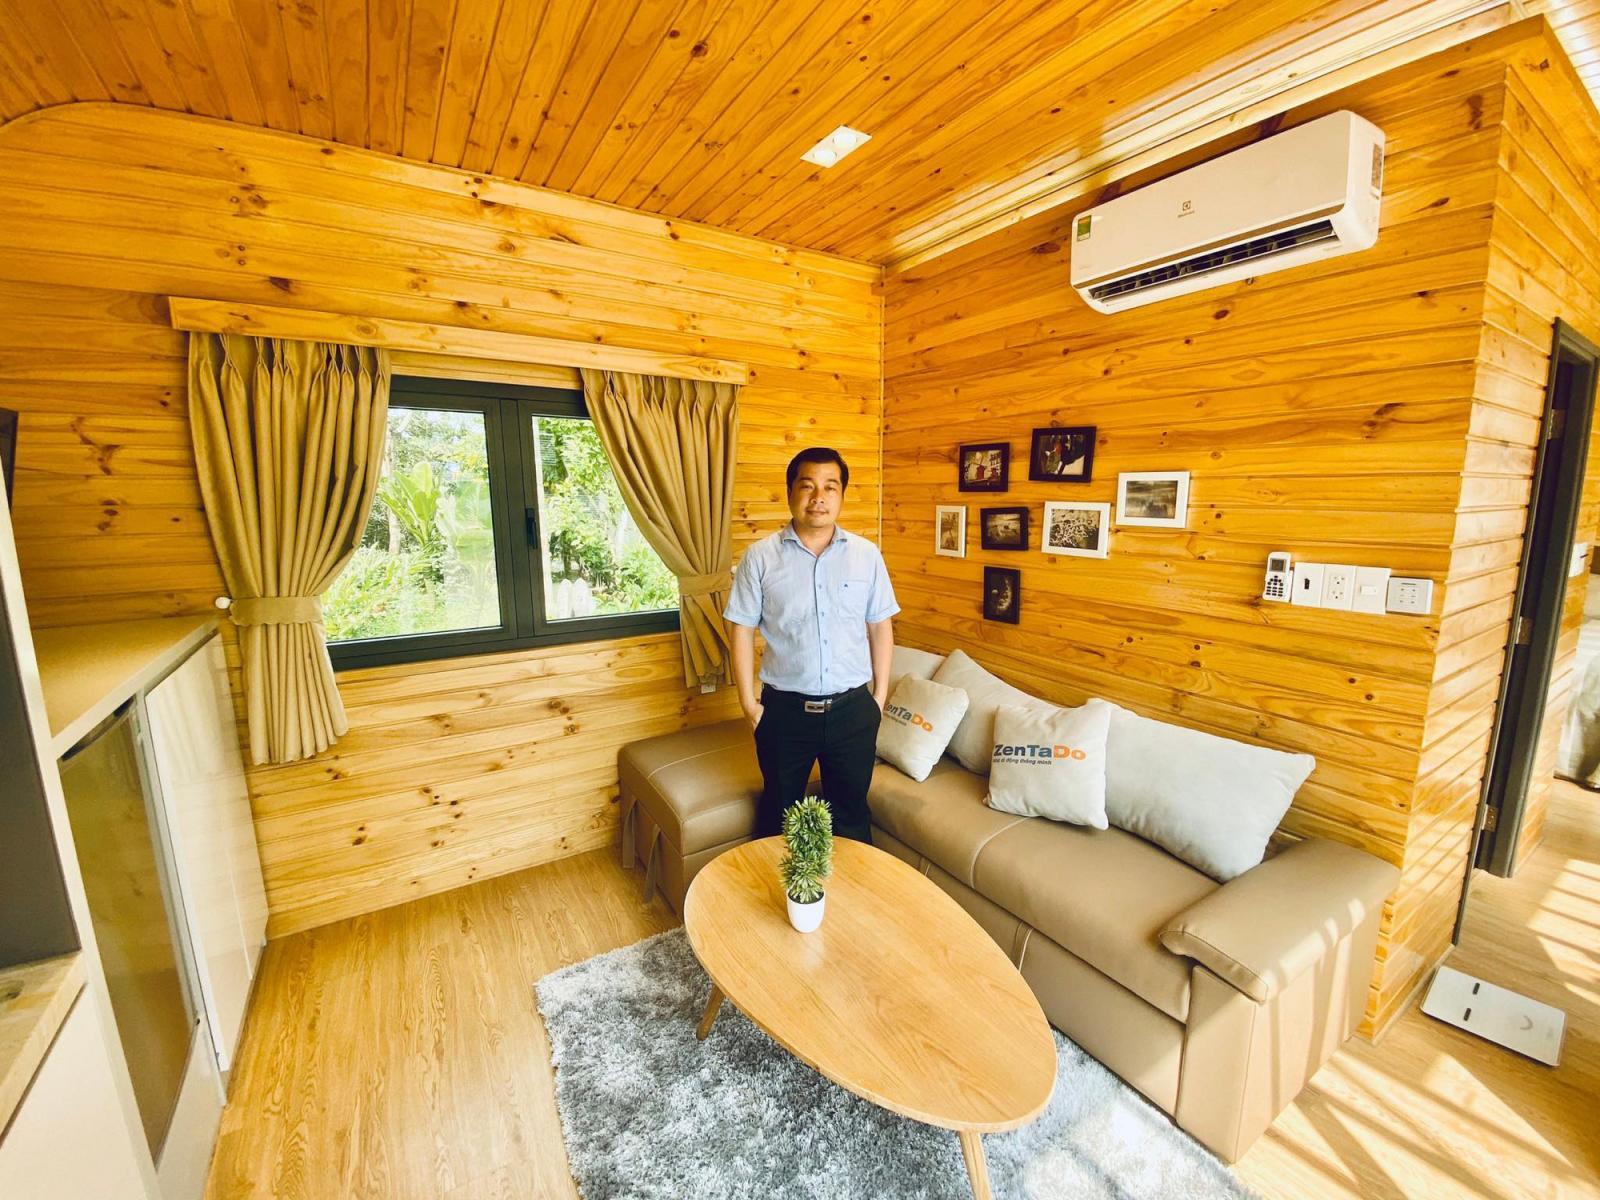 Mẫu căn nhà di động Zentado giá rẻ, tiện nghi